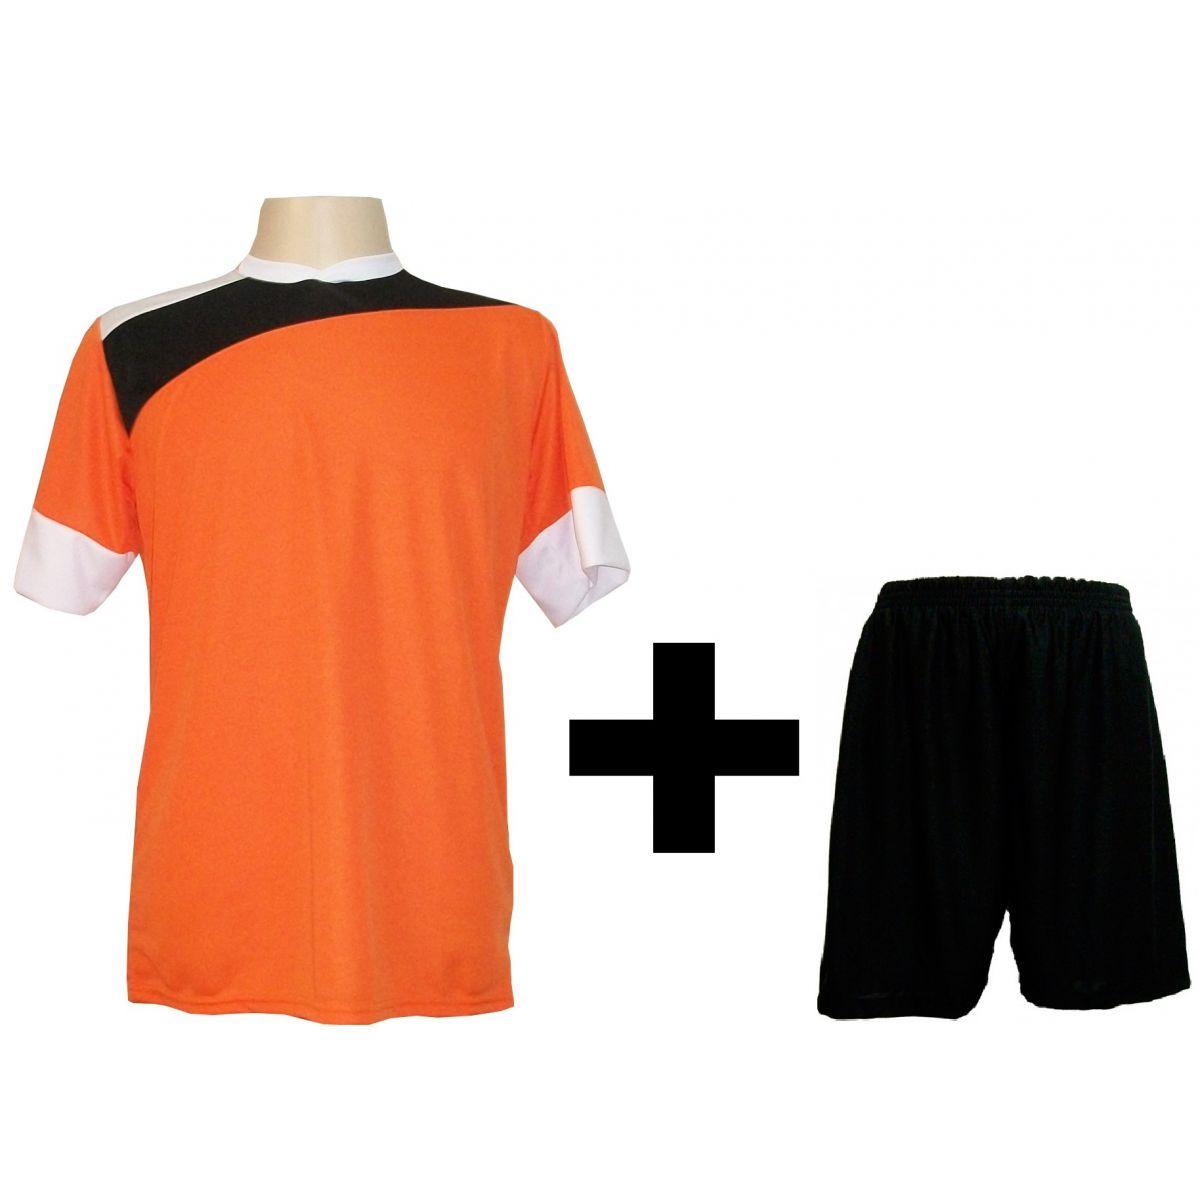 Uniforme Esportivo com 14 camisas modelo Sporting Laranja/Preto/Branco + 14 calções modelo Madrid Preto + Brindes